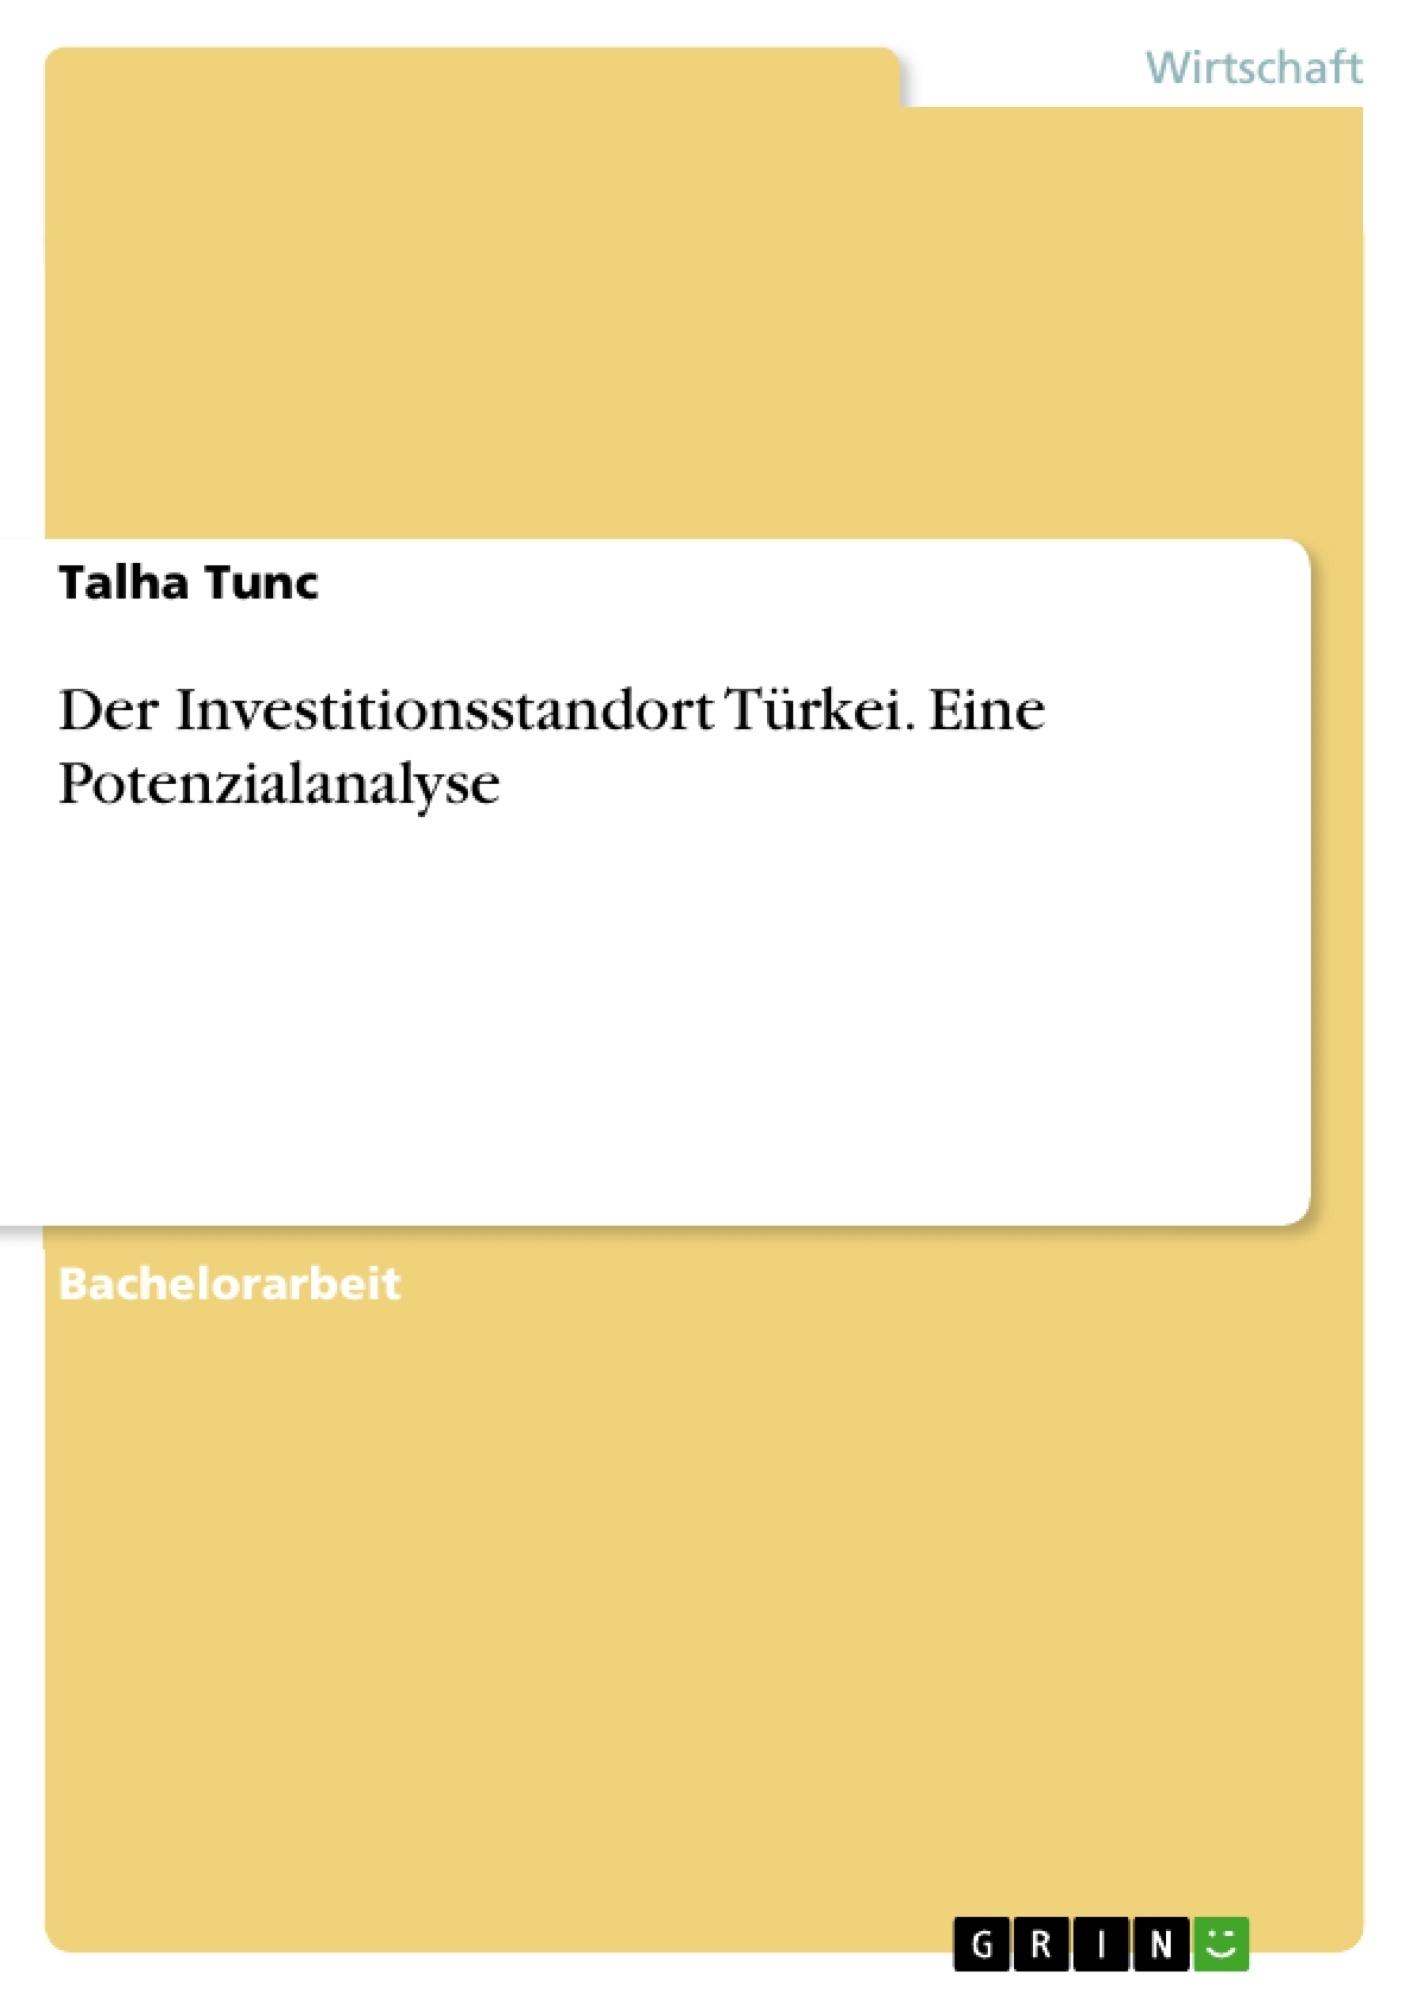 Titel: Der Investitionsstandort Türkei. Eine Potenzialanalyse